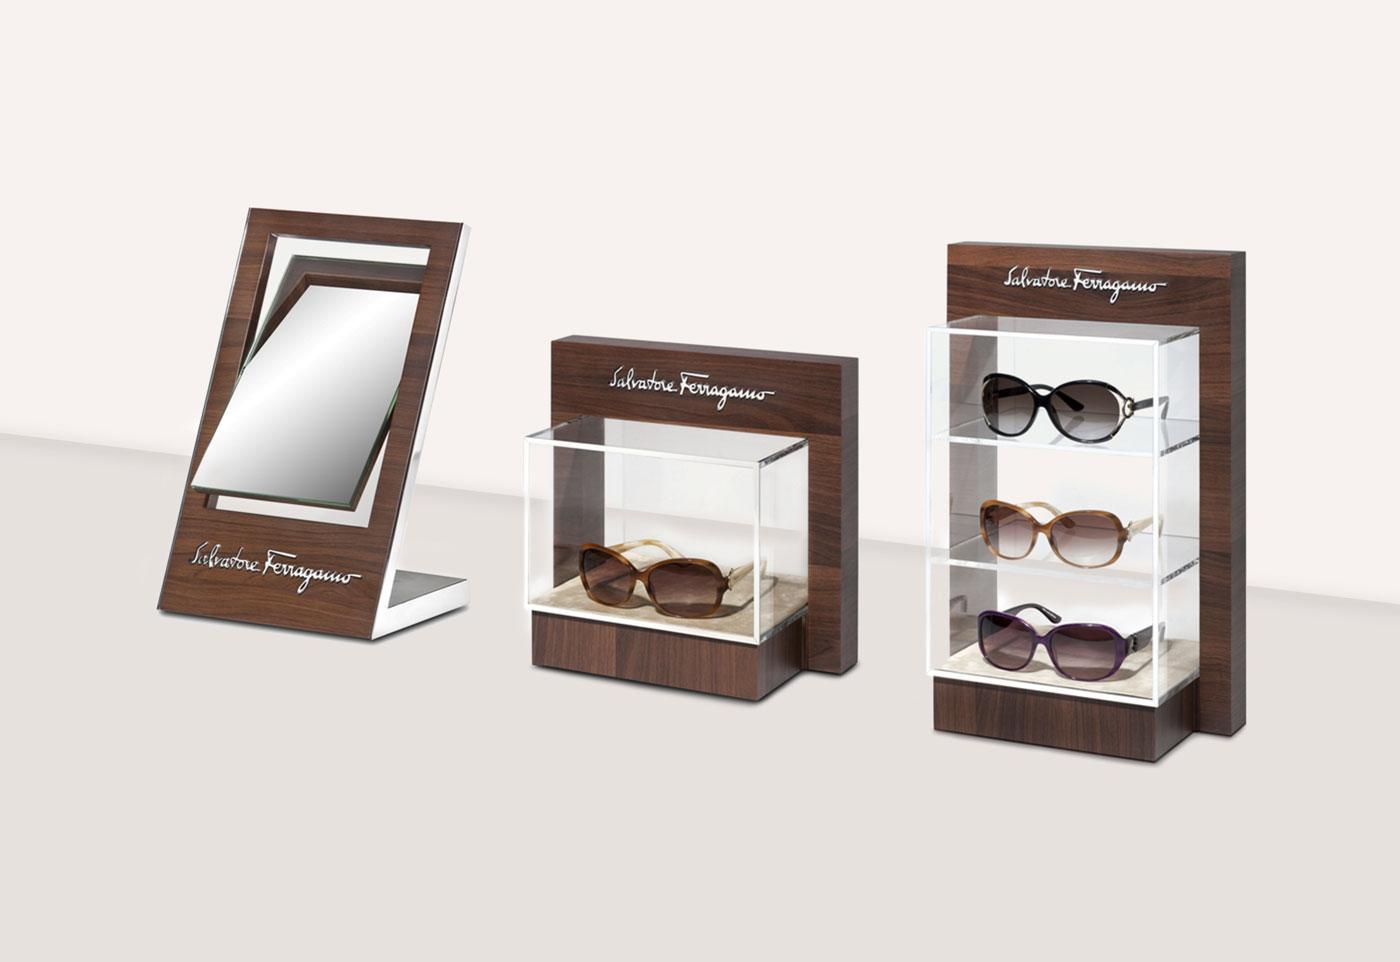 Salvatore Ferragamo Eyewear - Un design pensé par l'agence de design de Paris Partisan du Sens.